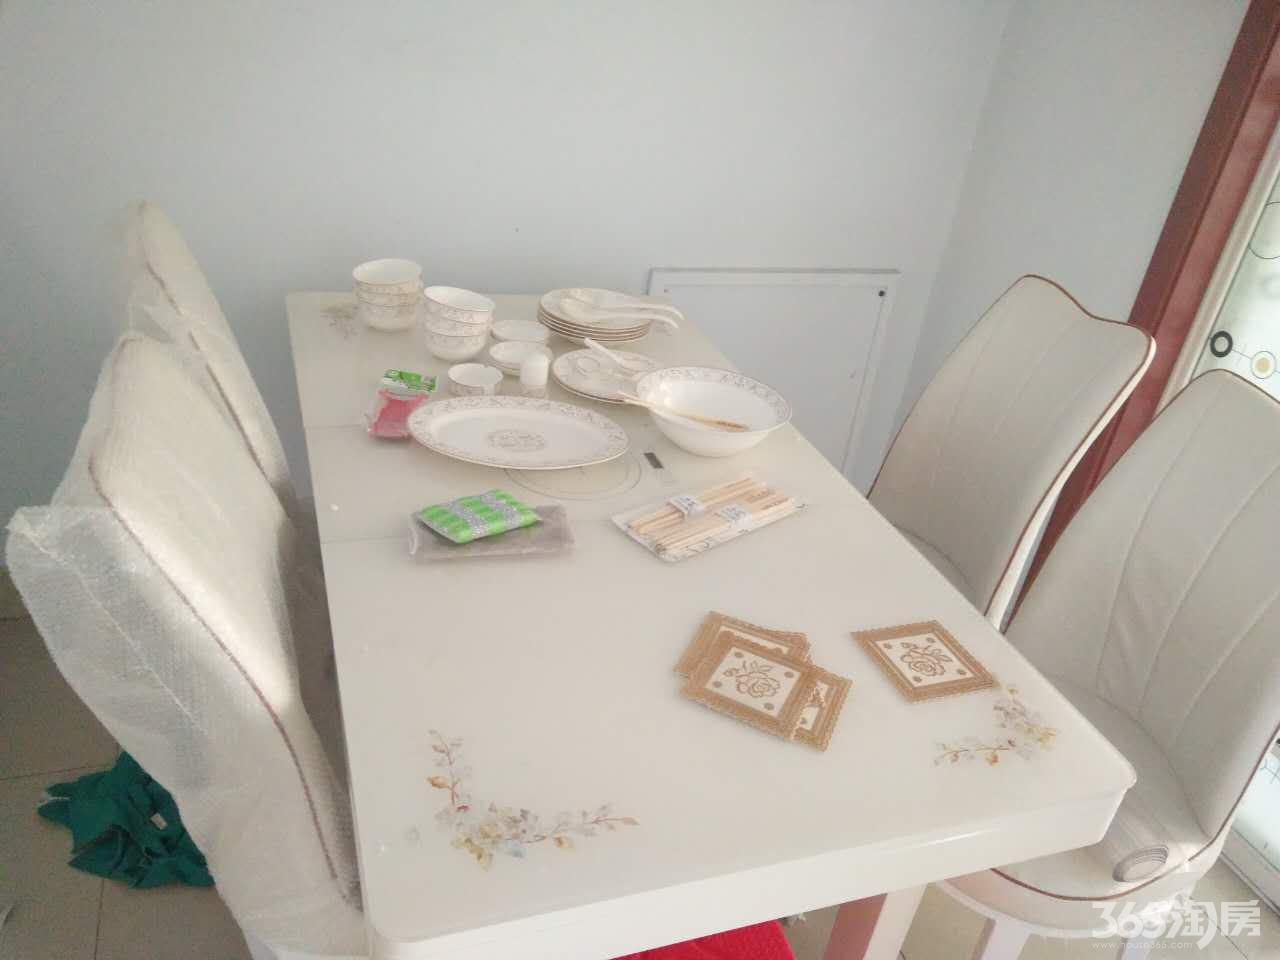 泰和名仕港小区 精装修 拎包入住 长河小学学区房